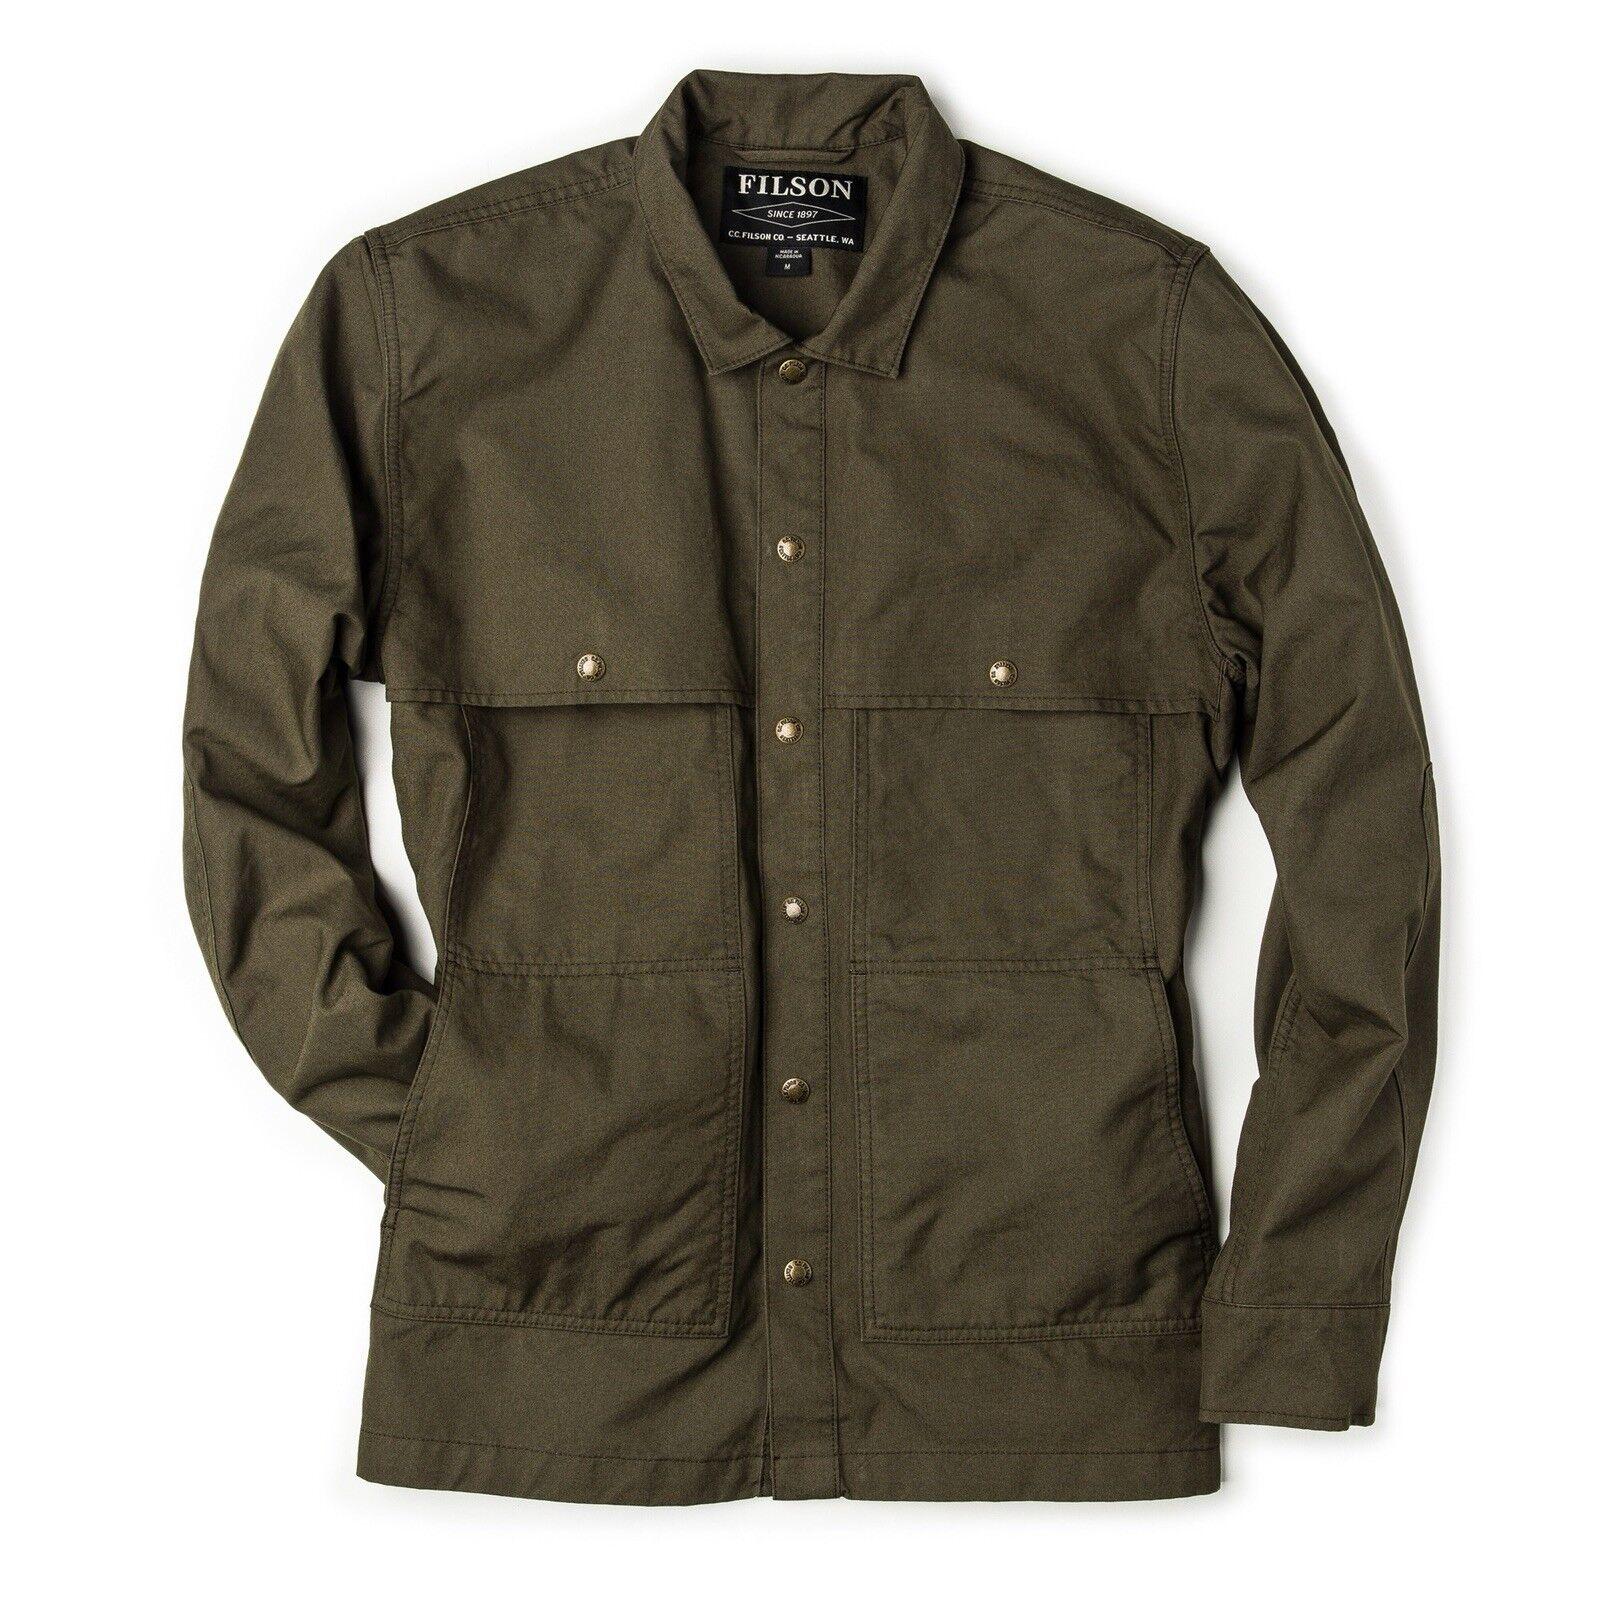 NWT Filson 165 SOLD OUT Lightweight Jac Shirt  Herren L Otter Grün Camp Fish